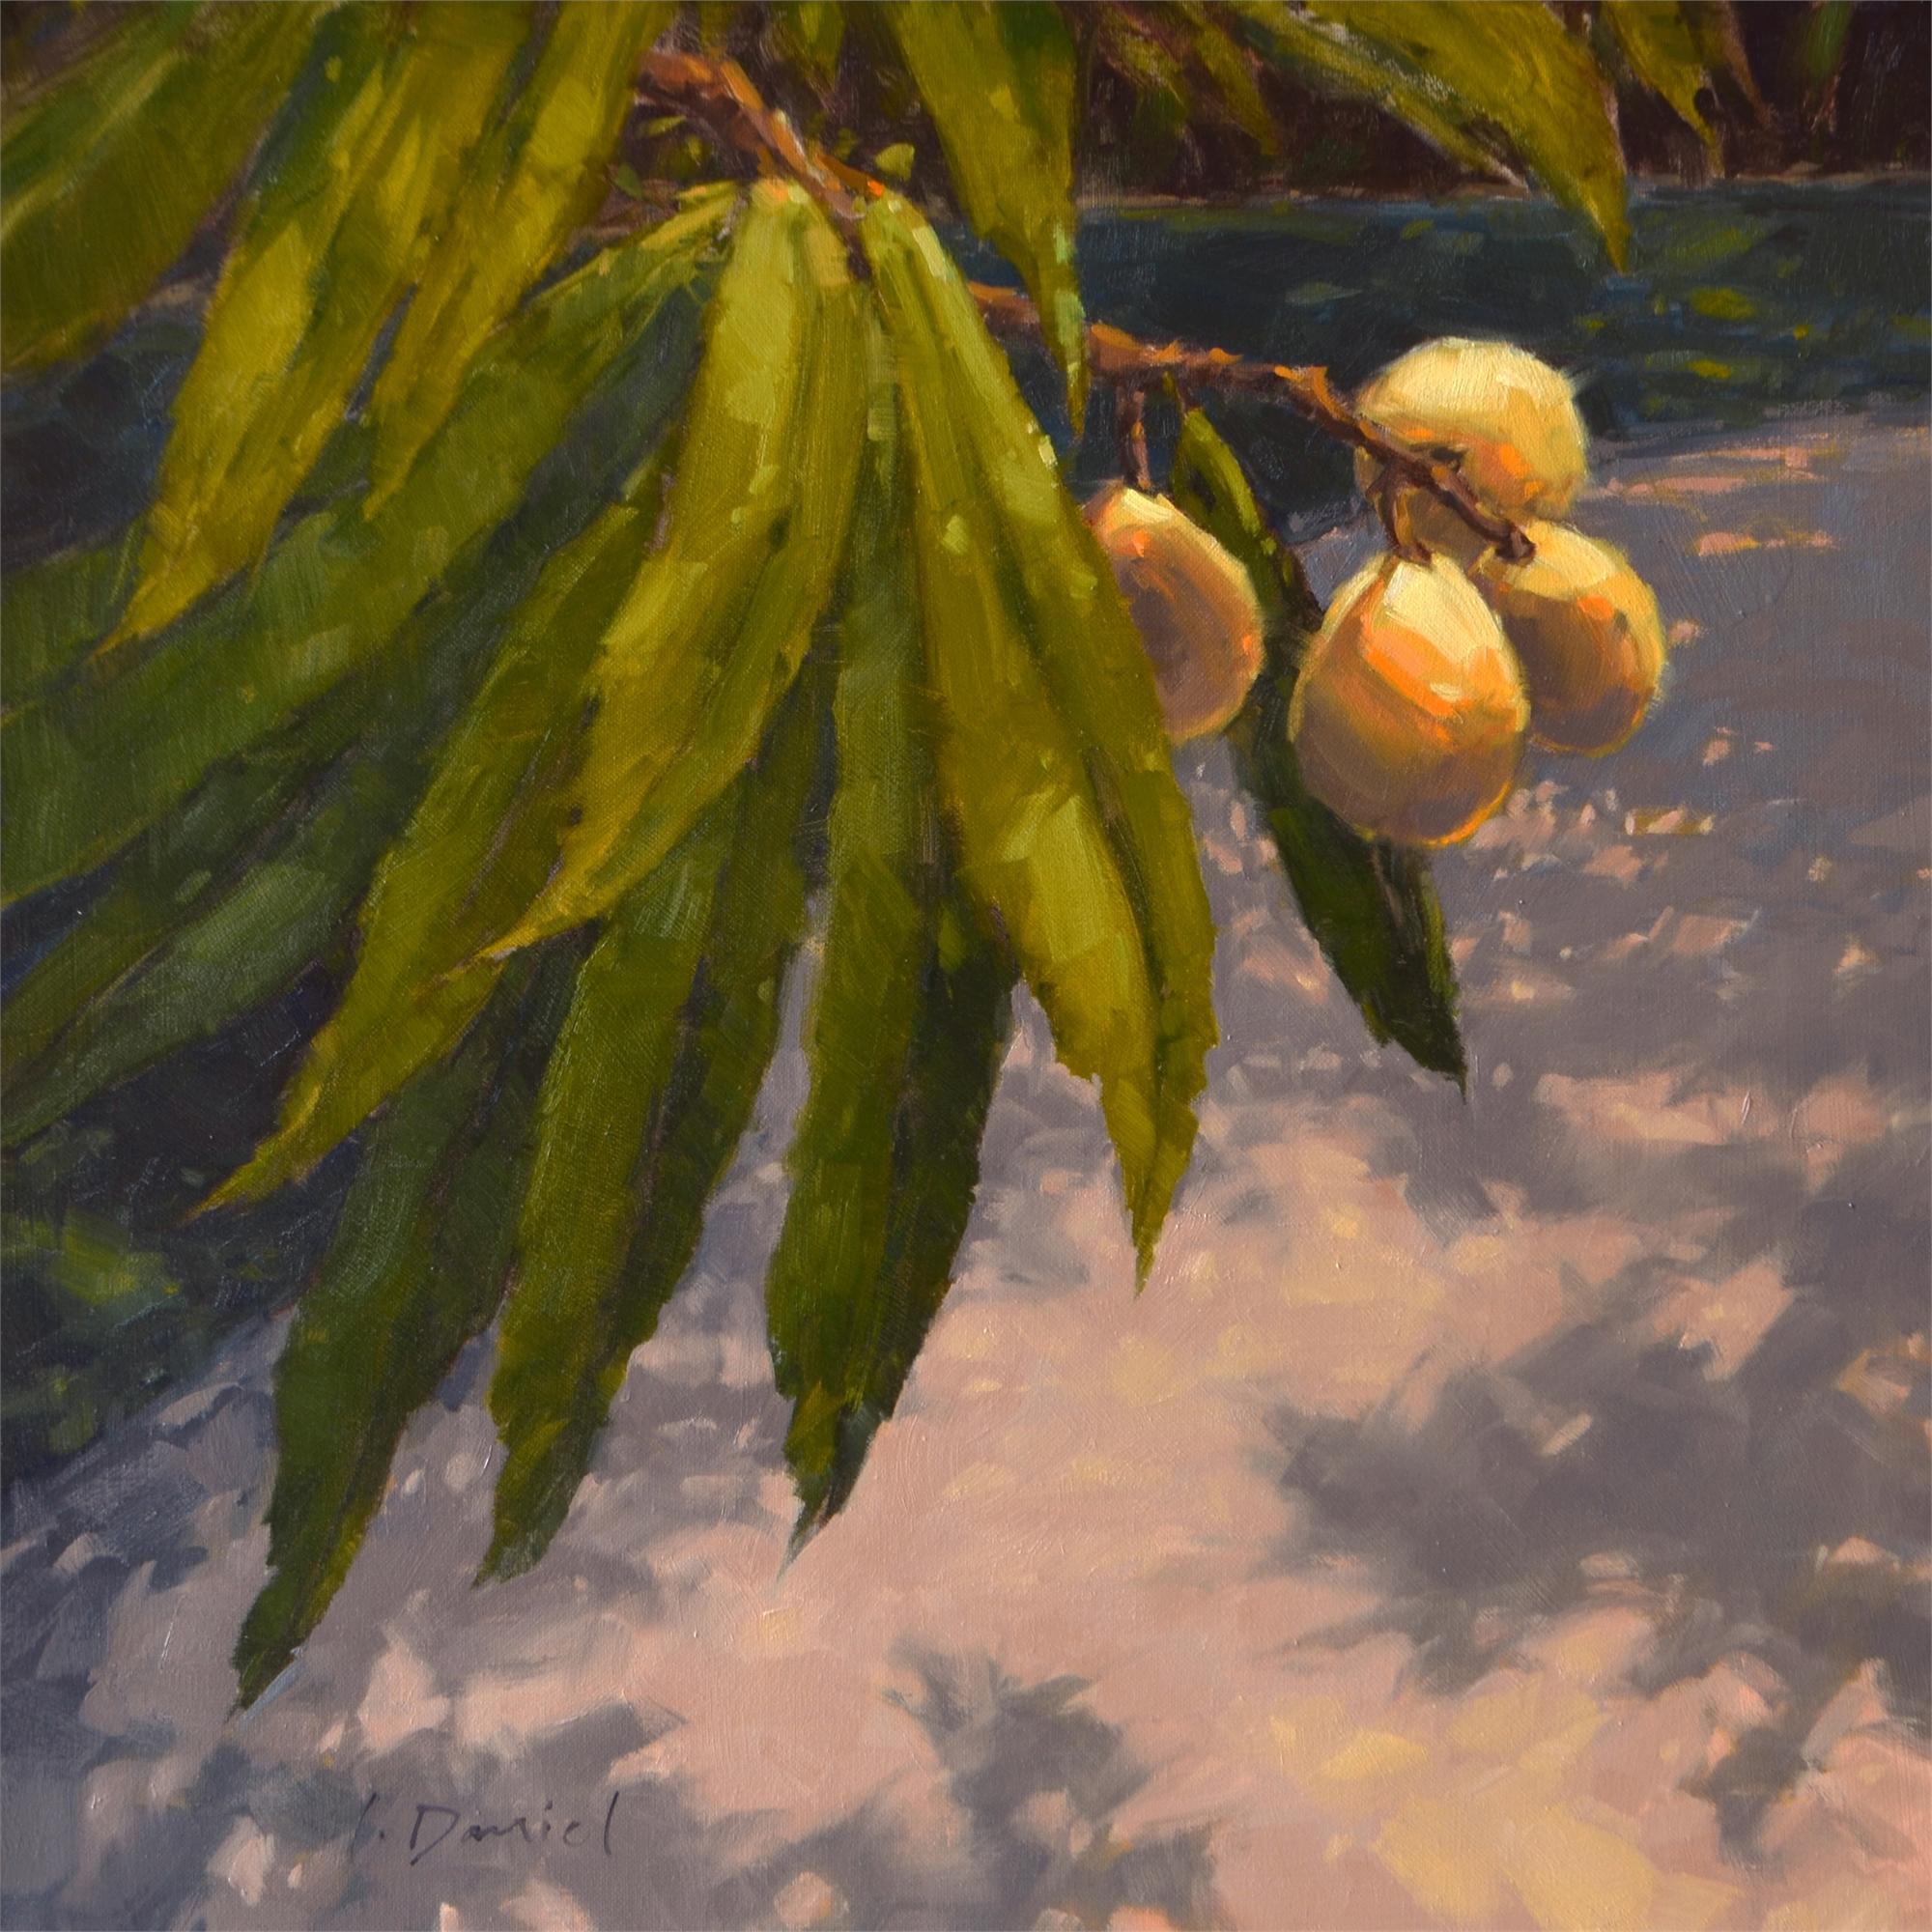 Nature's Patterns by Laurel Daniel